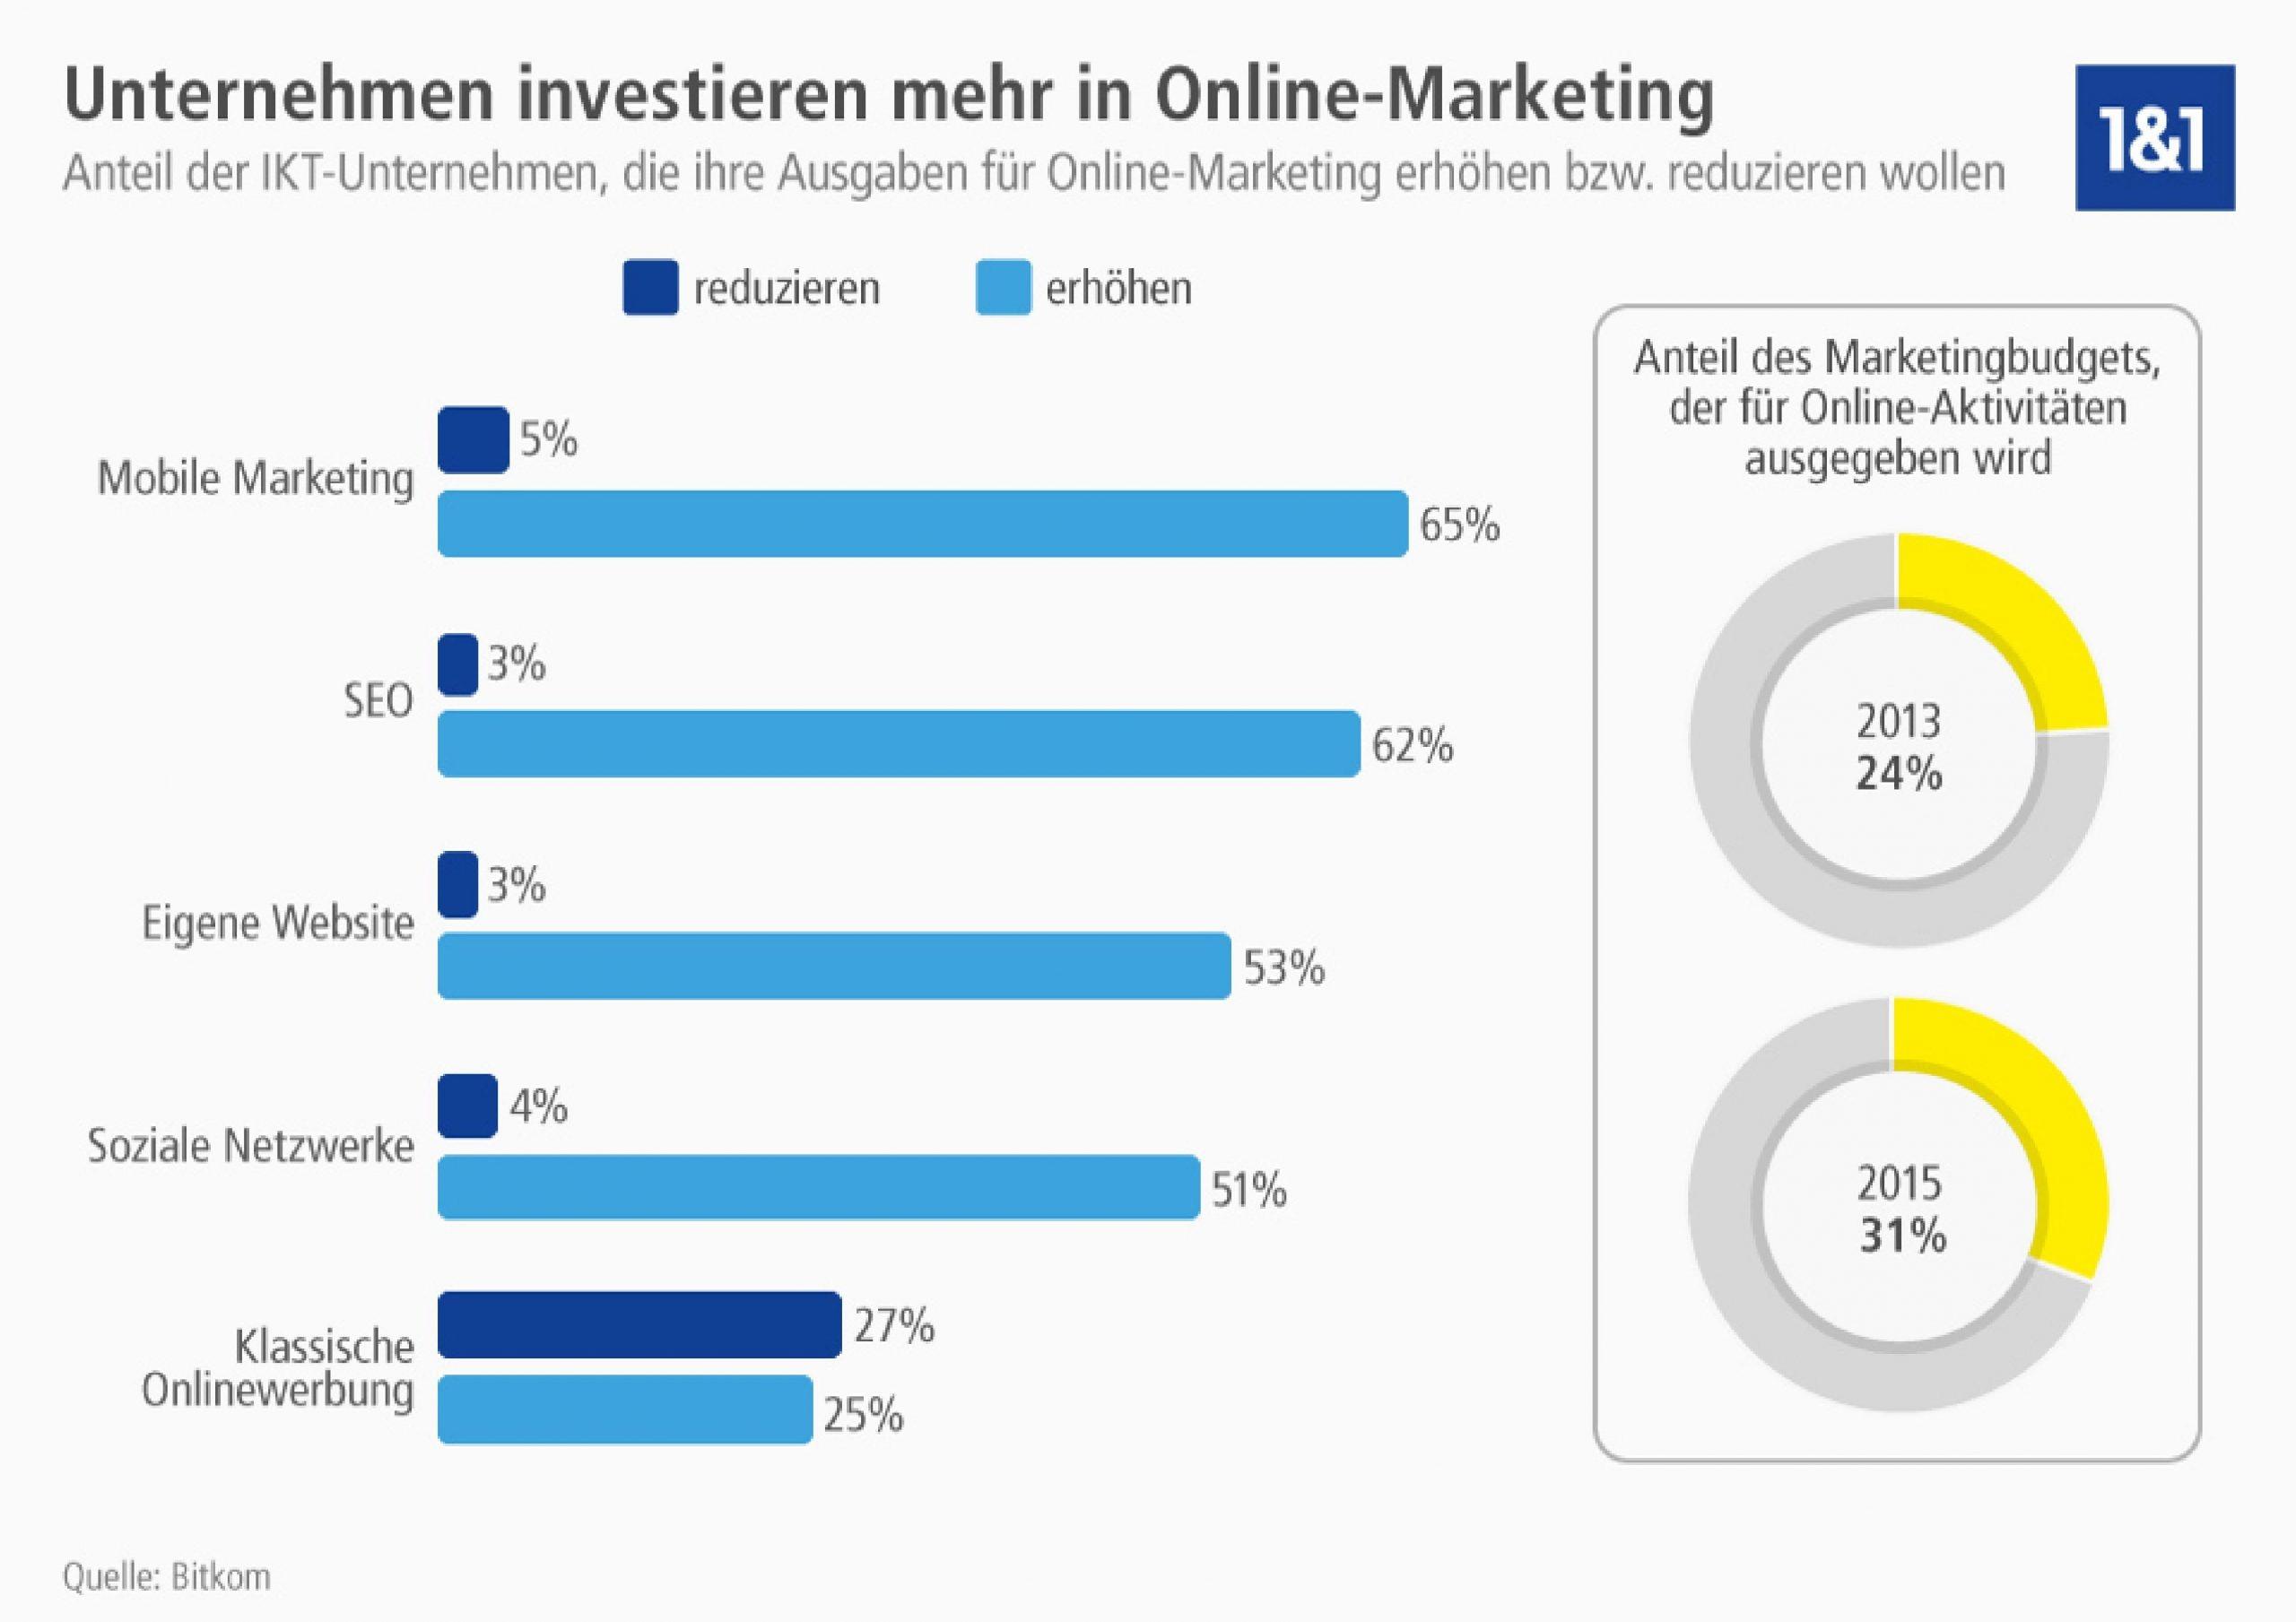 Online-Marketing Investitionen von Unternehmen